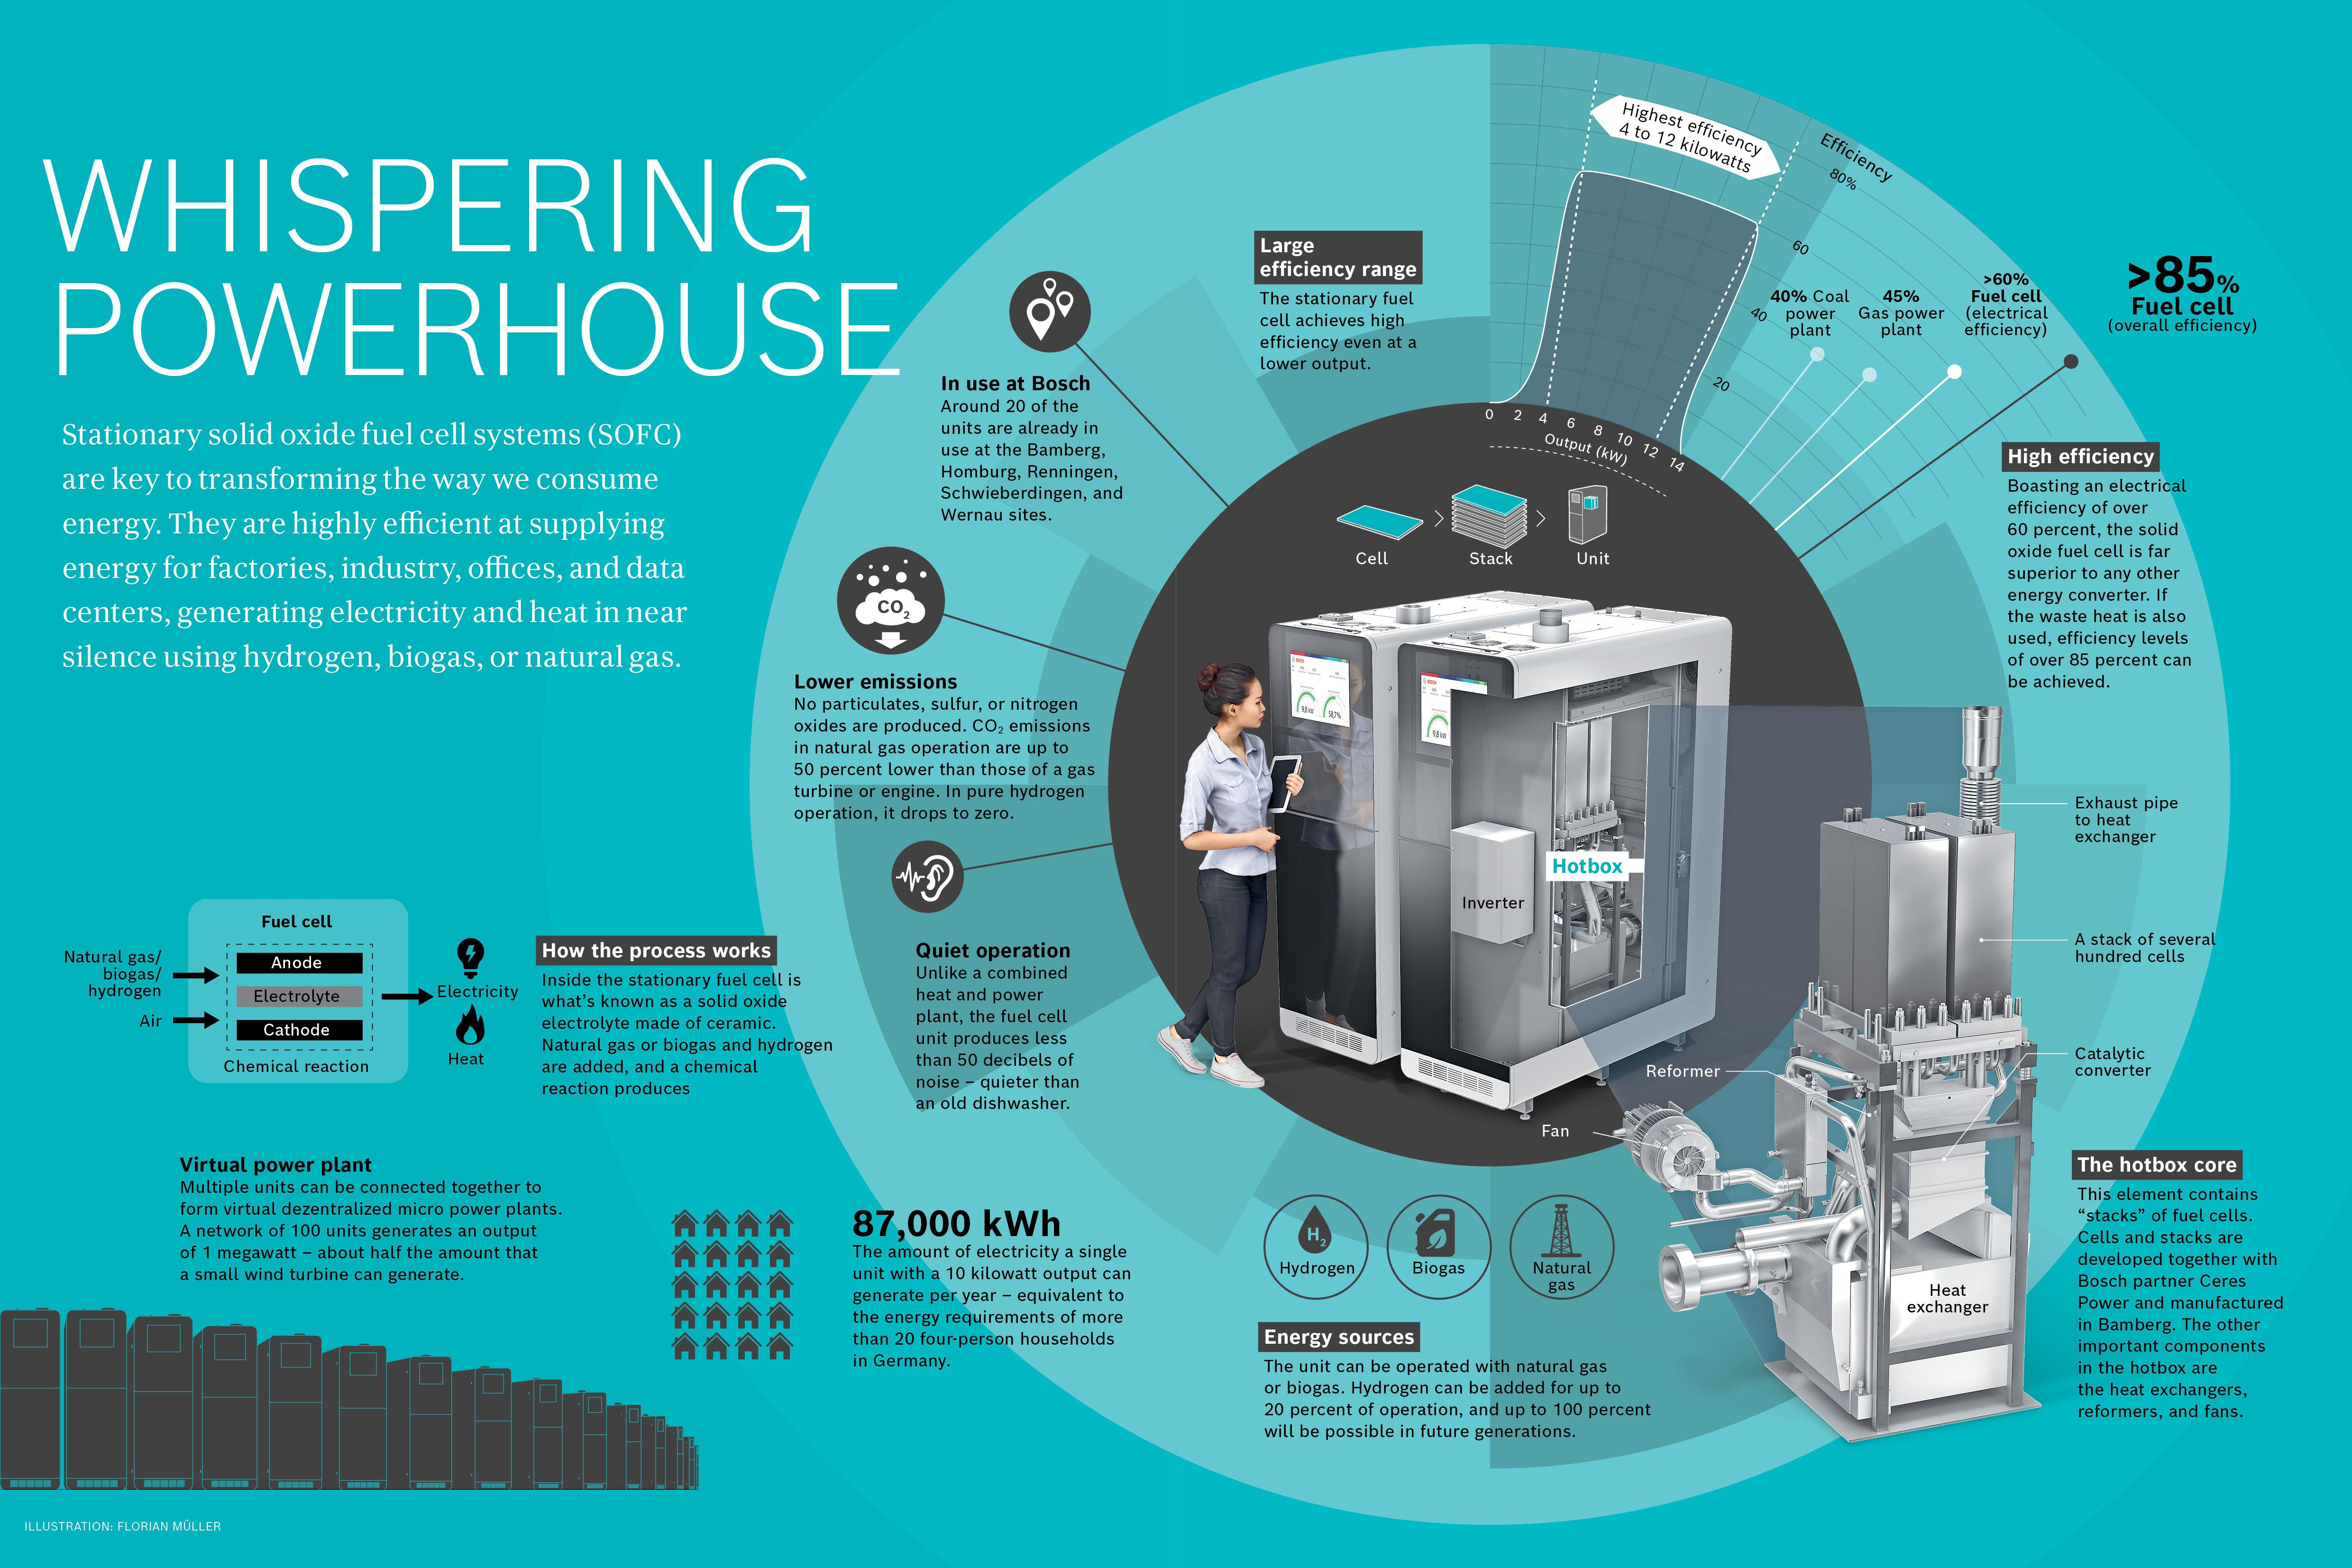 Celle a combustibile stazionarie: Bosch prevede di iniziare la produzione su vasta scala nel 2024